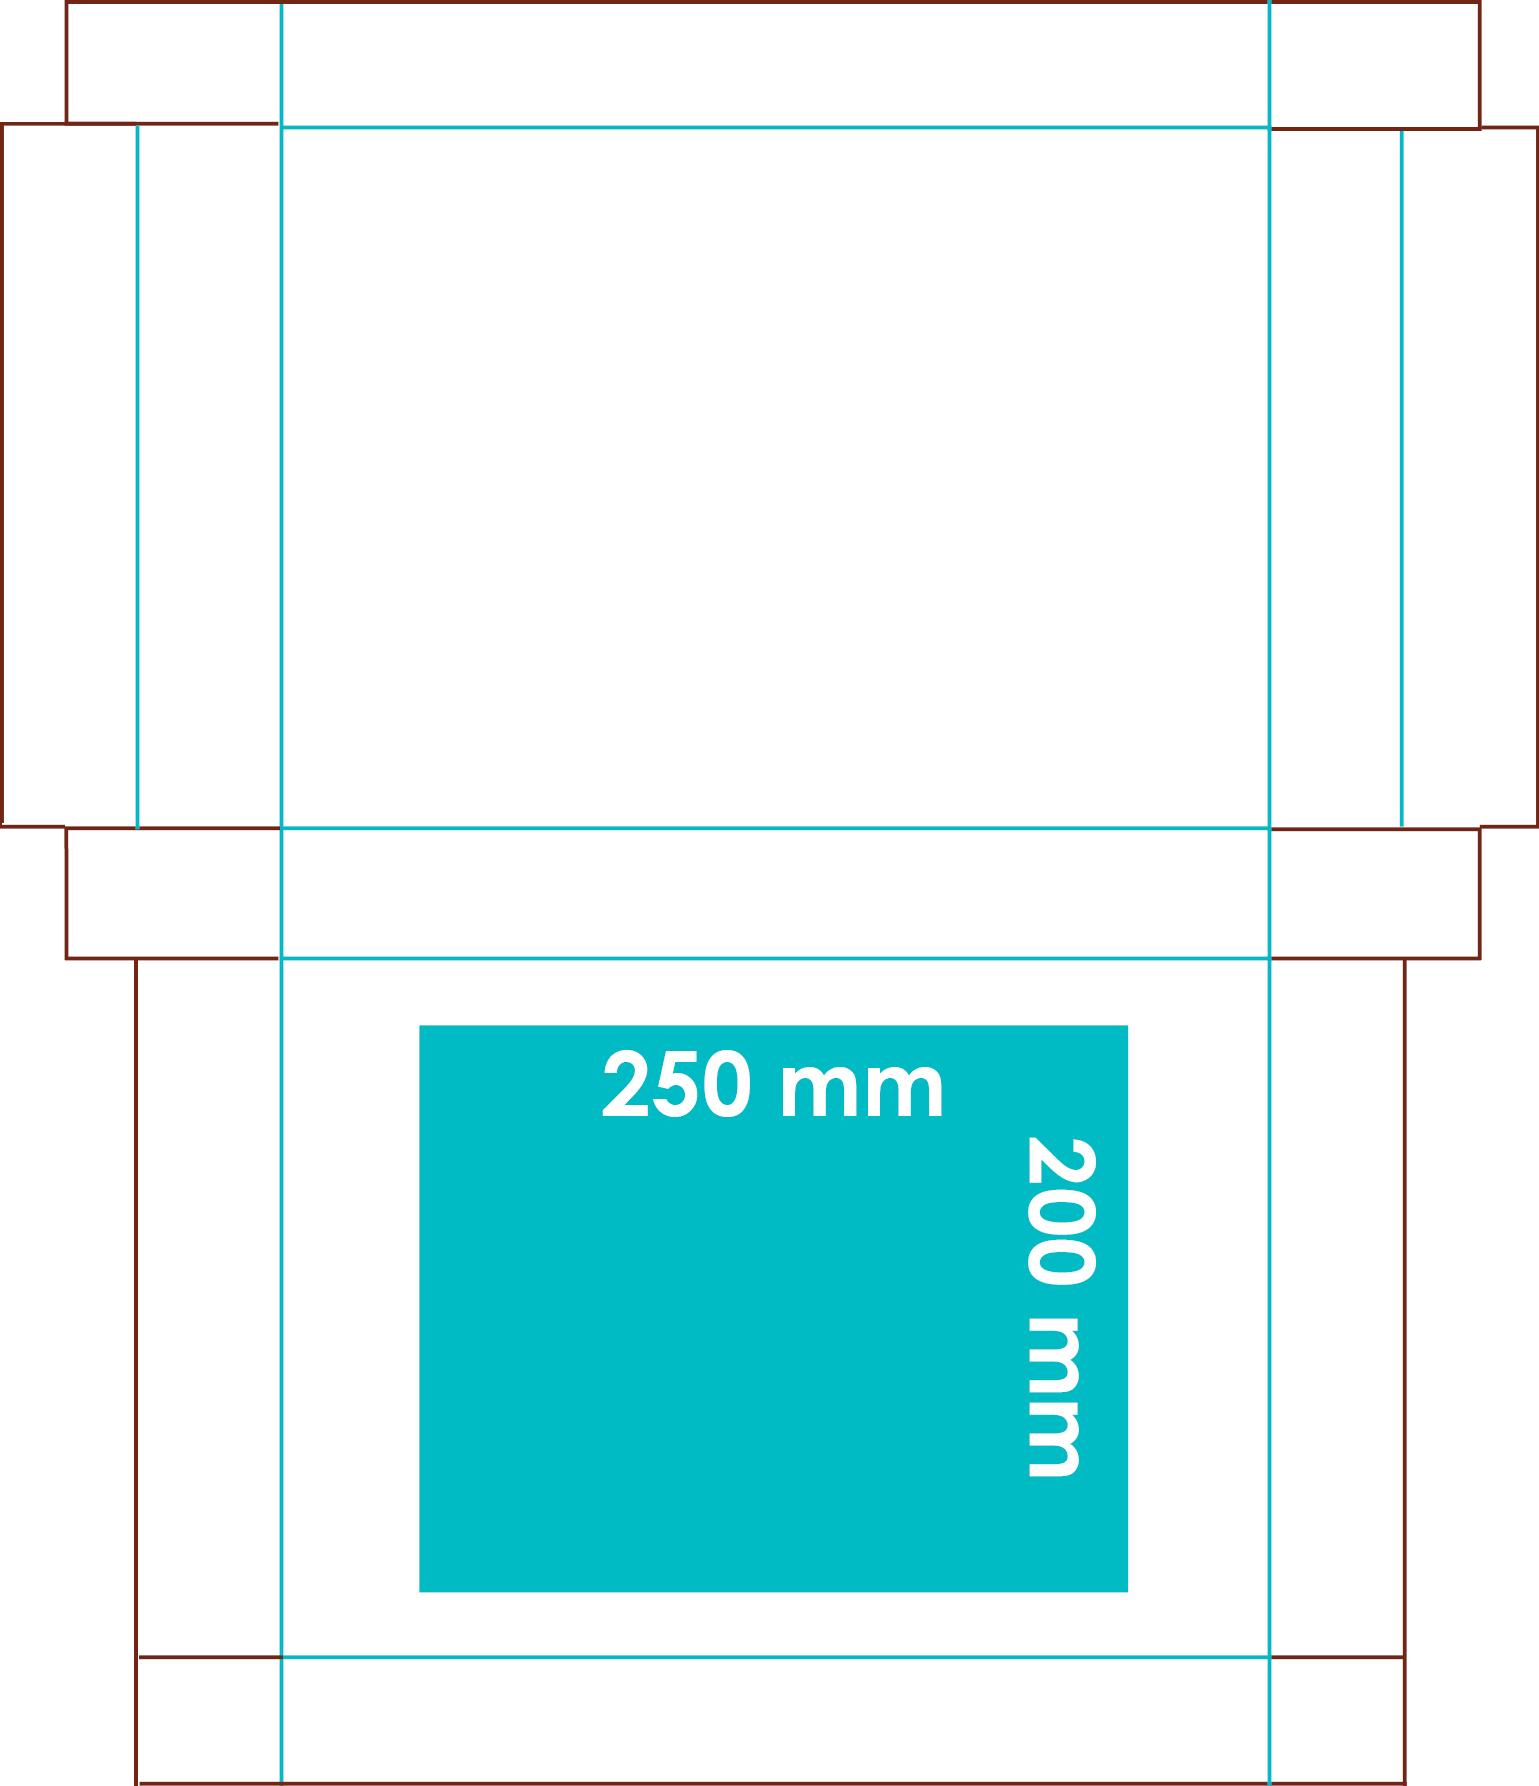 Grafische Darstellung der Druckfläche